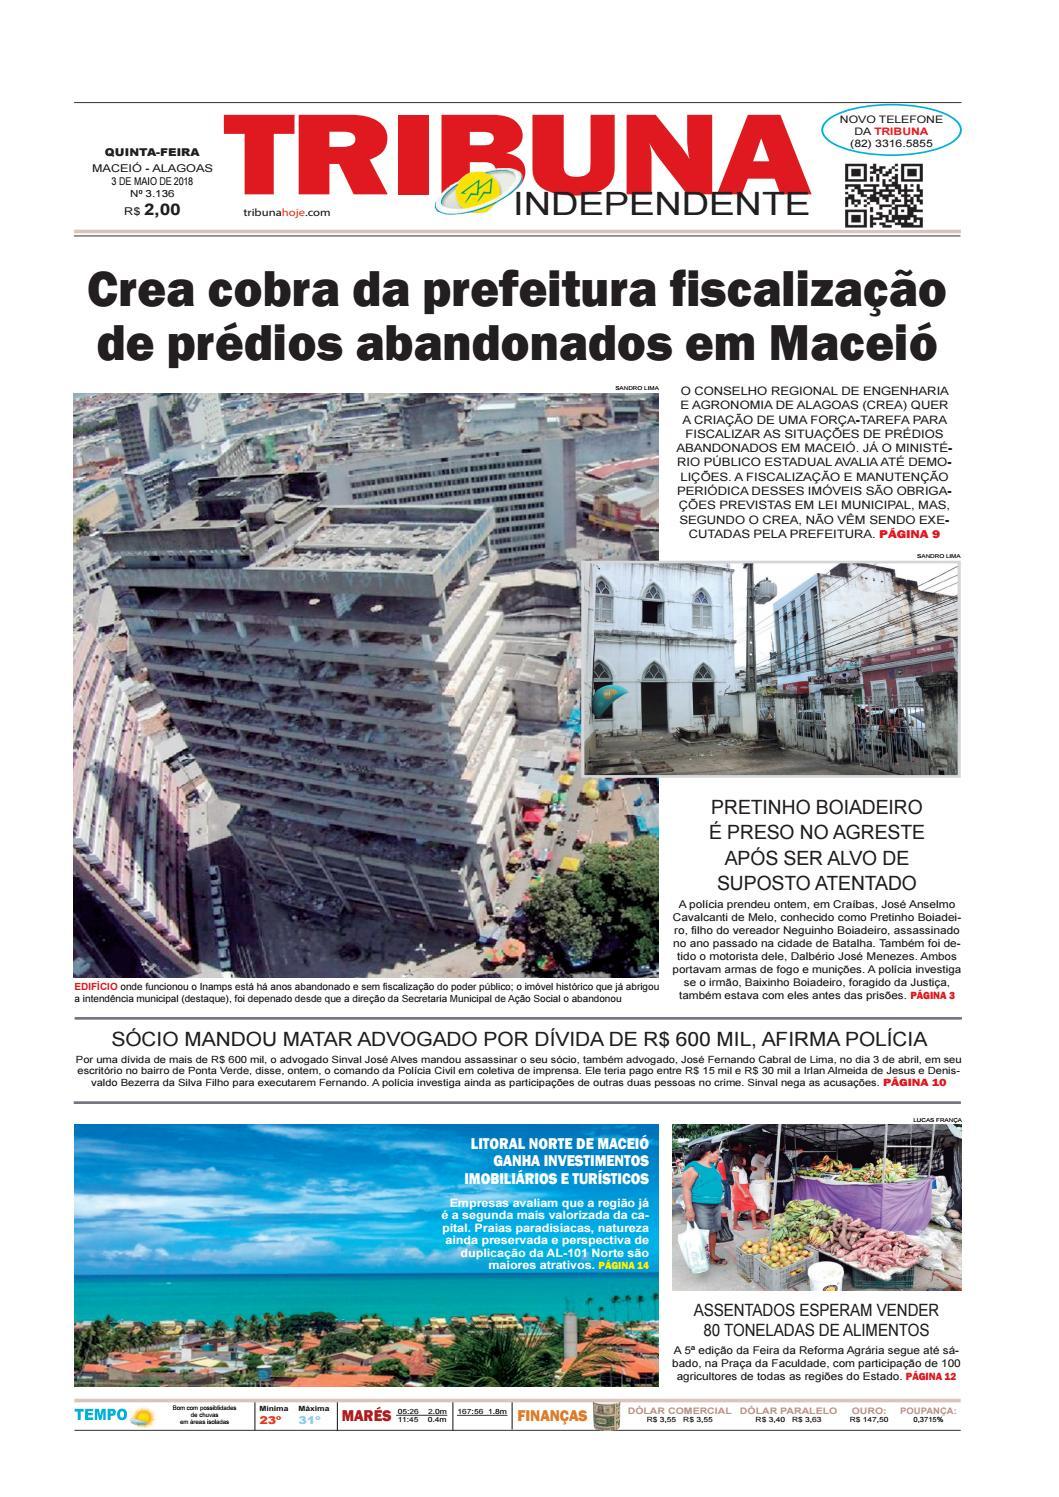 ec995488f55 Edição número 3136 - 3 de maio de 2018 by Tribuna Hoje - issuu